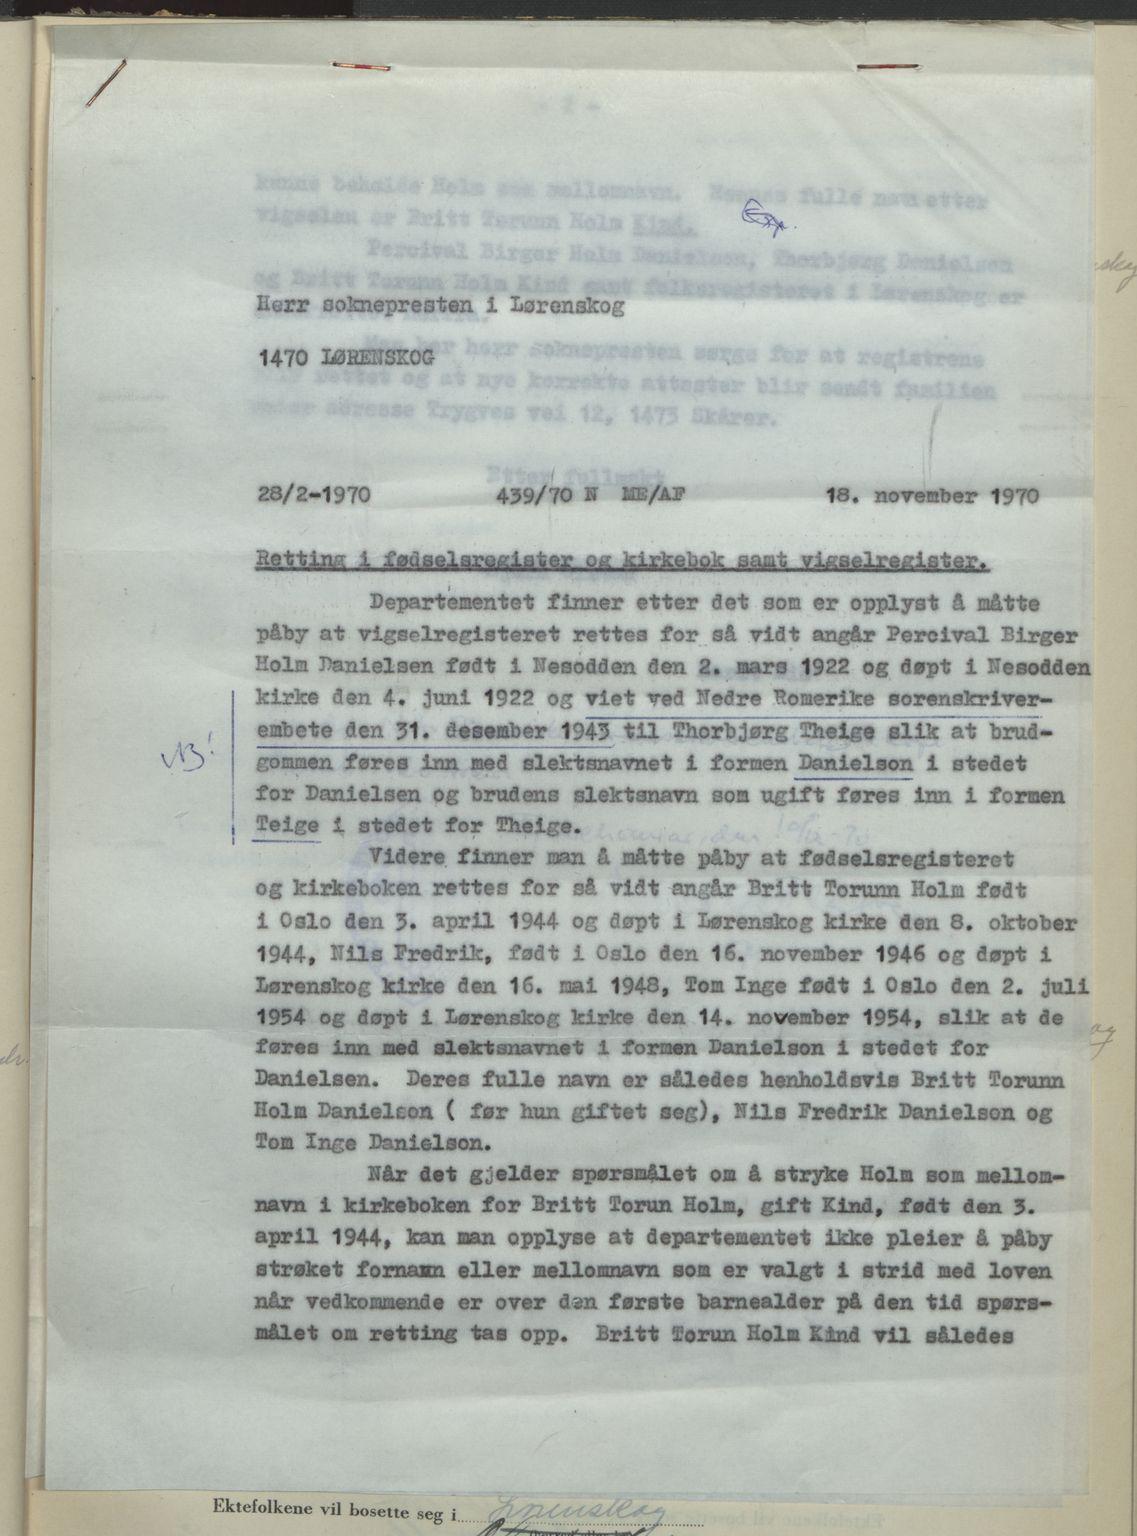 SAO, Nedre Romerike sorenskriveri, L/Lb/L0004: Vigselsbok - borgerlige vielser, 1943-1944, s. upaginert